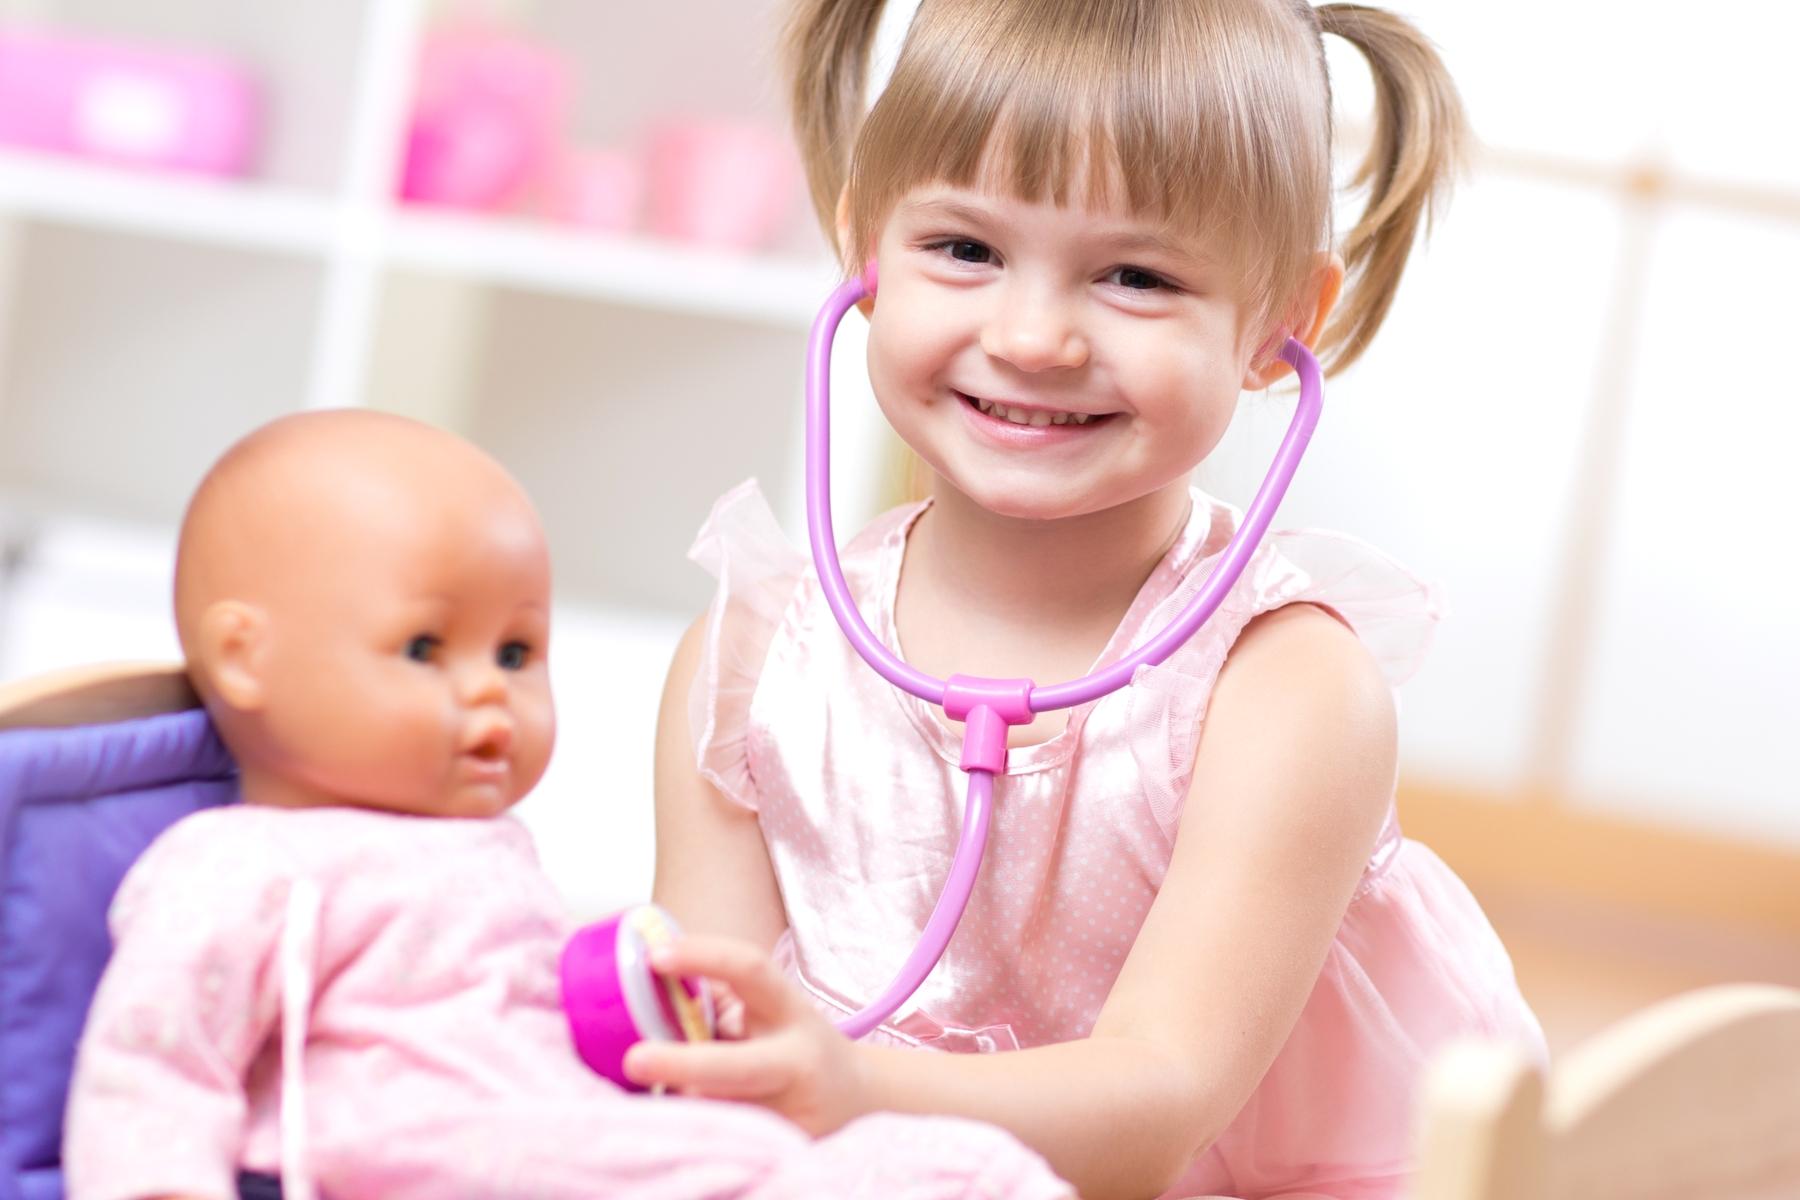 ffe22b6ad6d4 Babypuppen Test Testsieger 2019 – Vergleich   Kaufratgeber